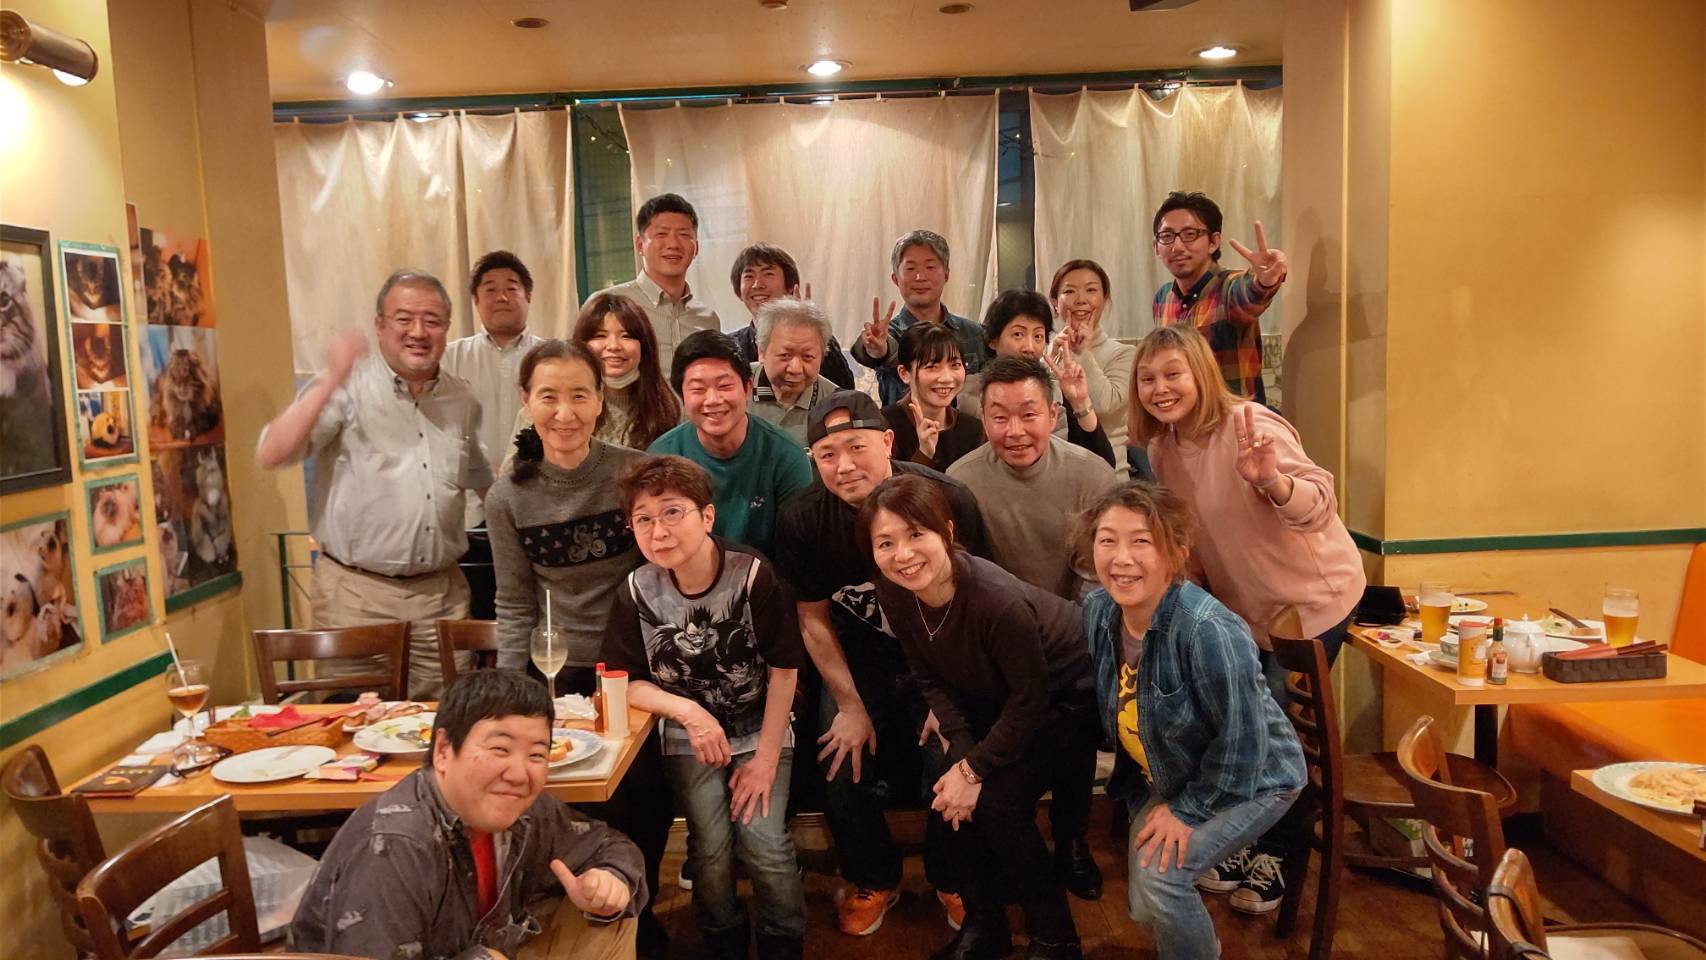 東映ゲゲゲプロデューサーチーム_a0163623_00135365.jpg